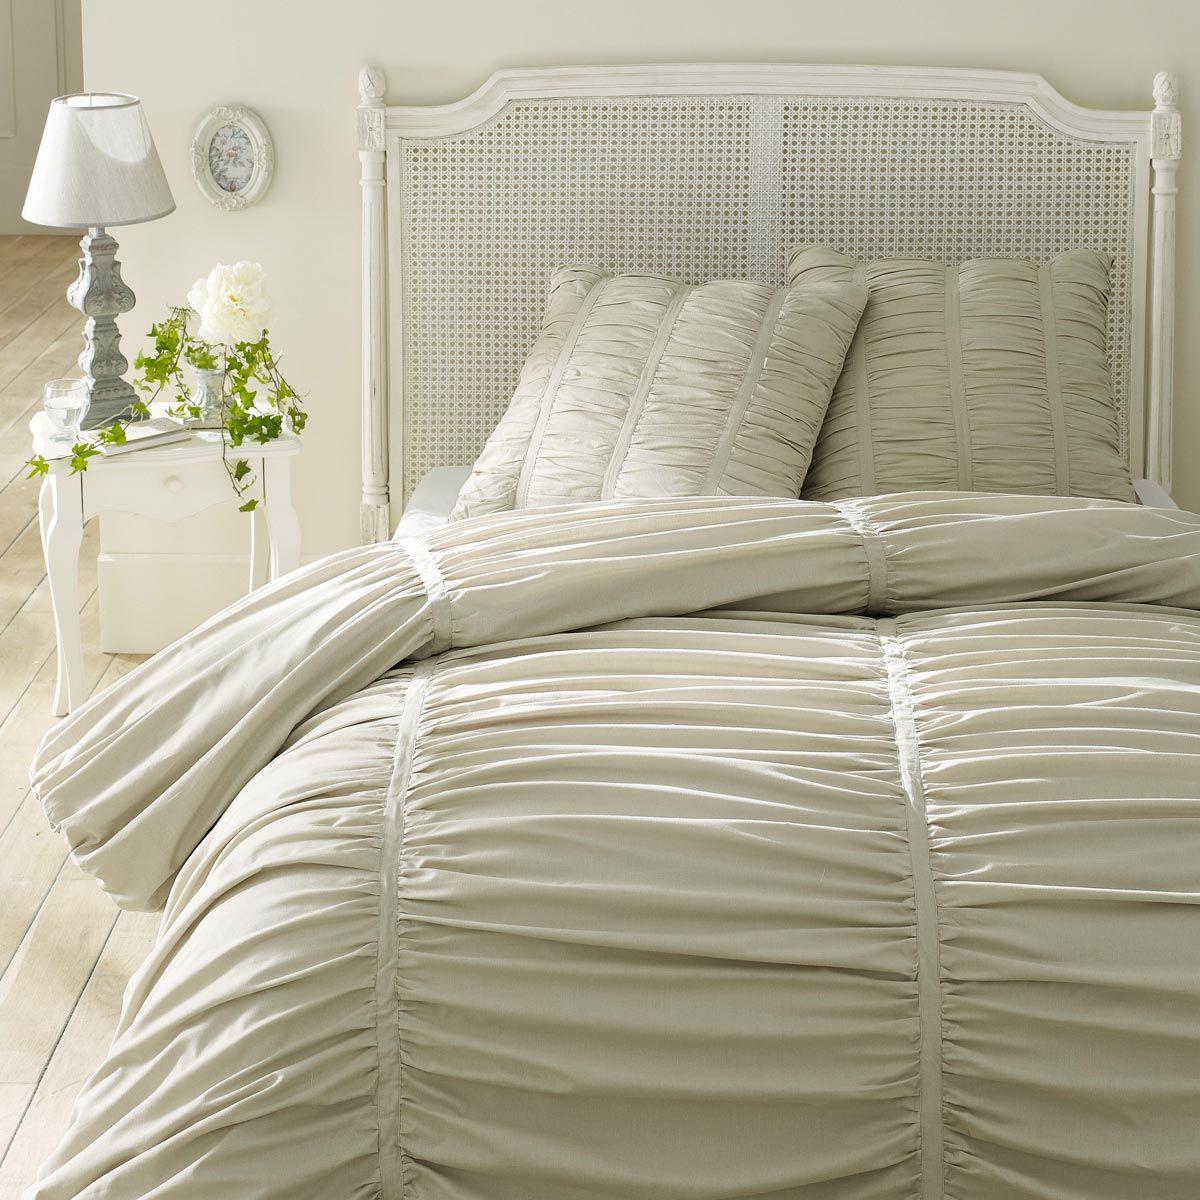 Bettwäschegarnitur beige 240x220: 1 Bettbezug + 2 Kopfkissenbezüge ...